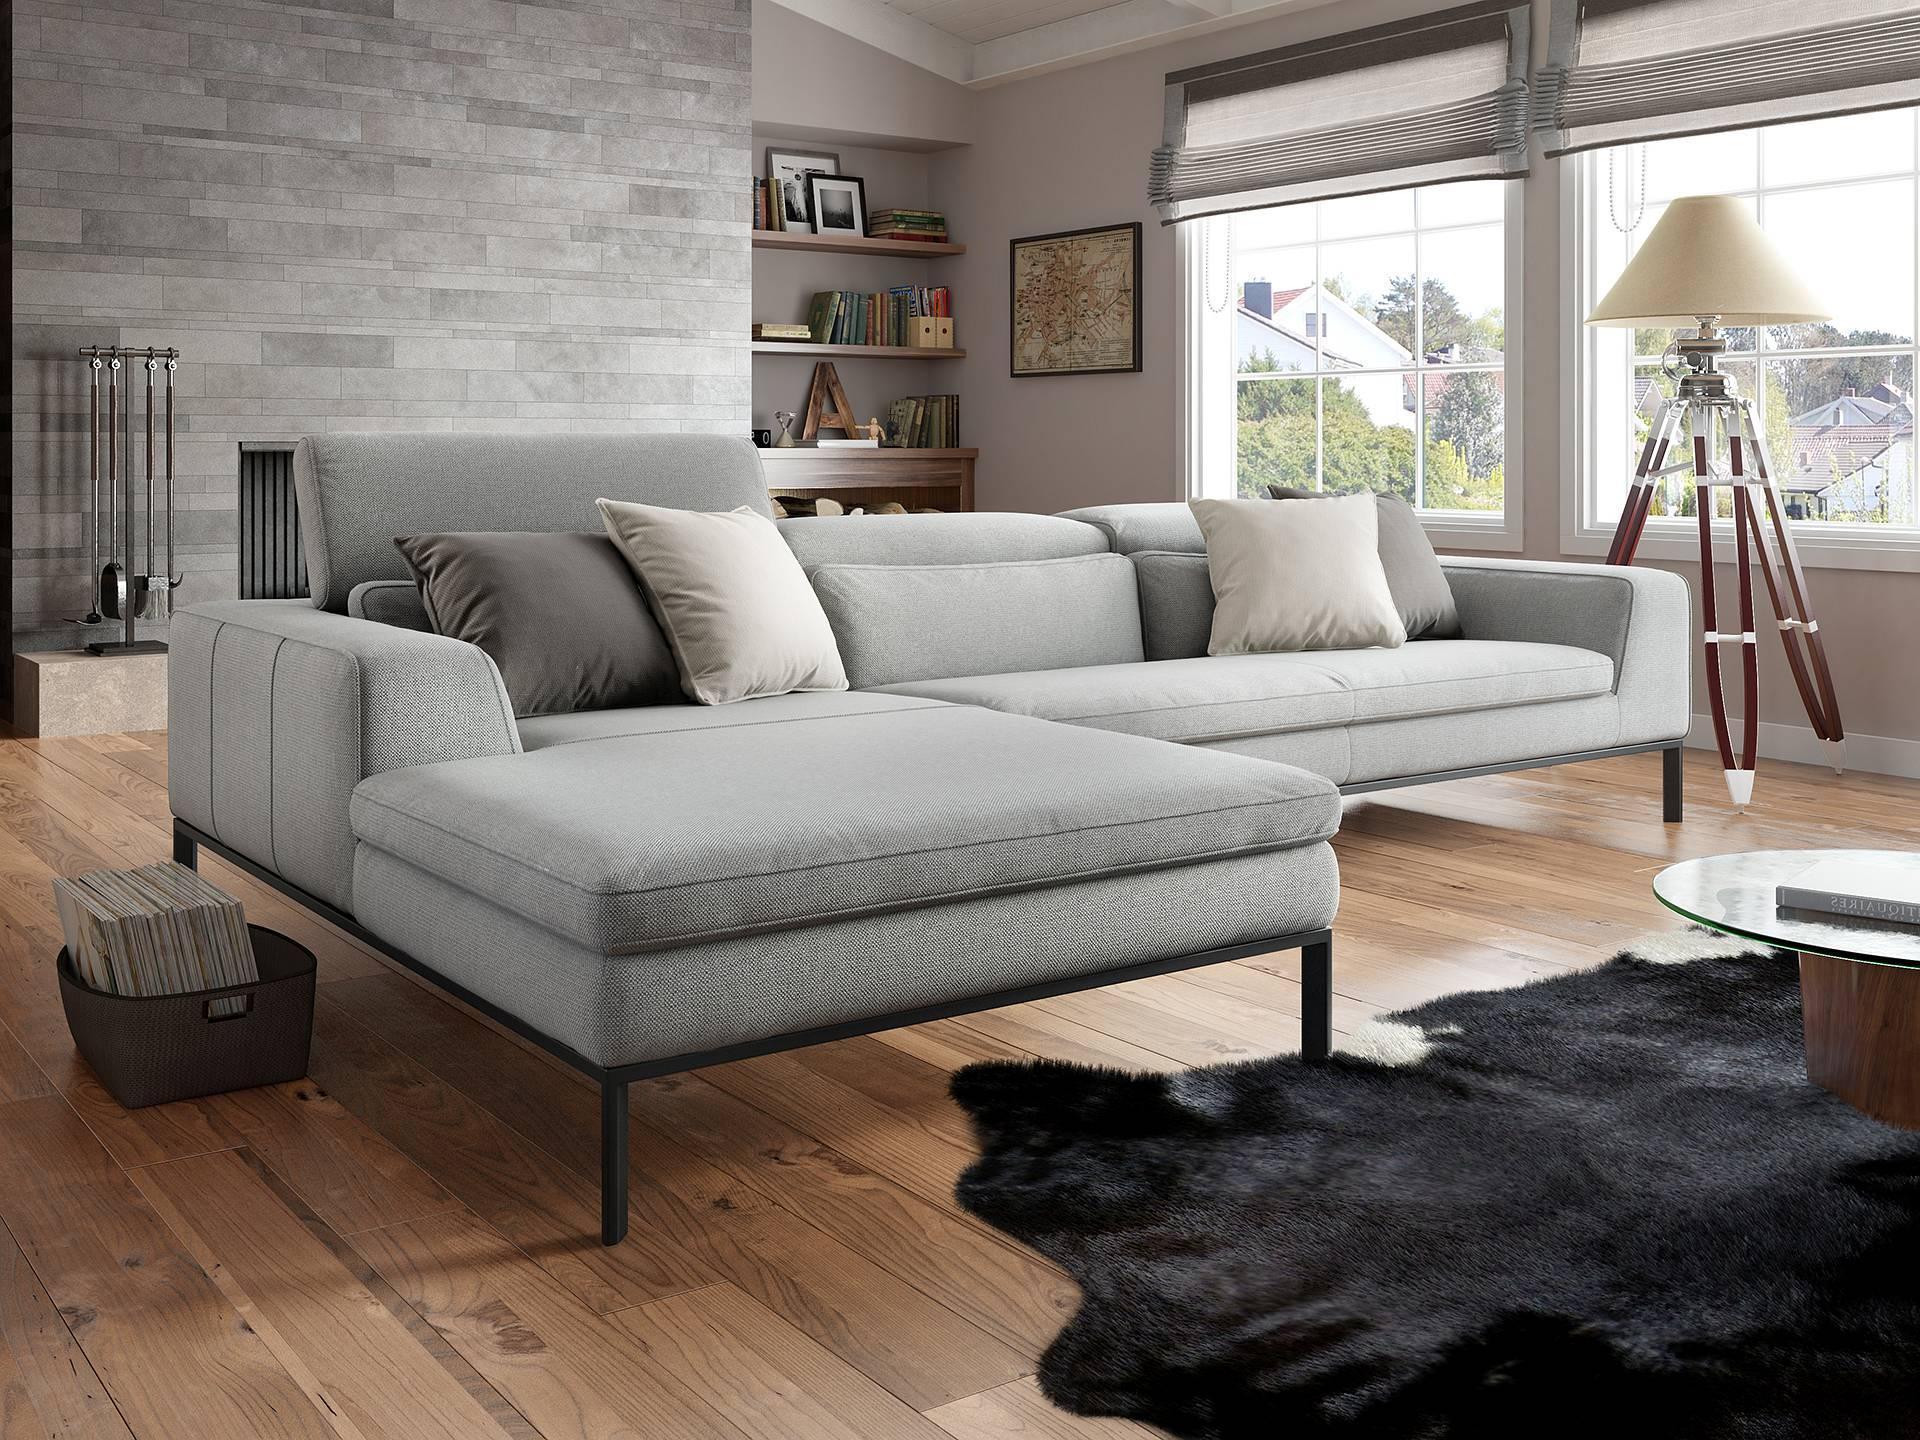 Ottomane bilder ideen couchstyle for Ecksofa mit ottomane